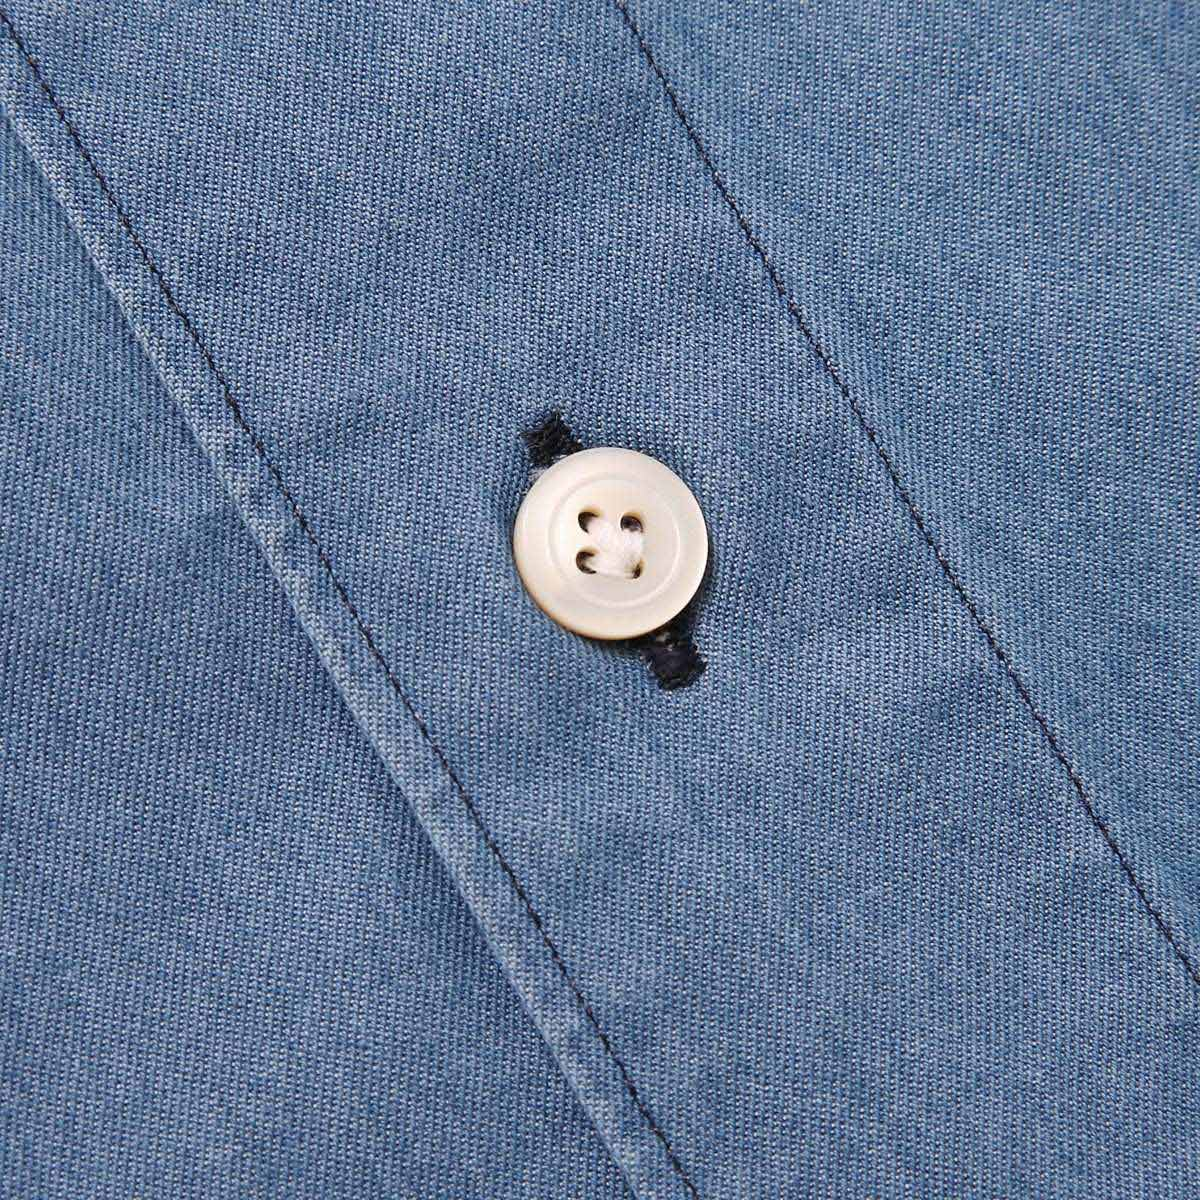 【アウトレット】FINAMORE フィナモレ ワイドカラーシャツ/LUIGI GENOVA【大きいサイズあり】 メンズ